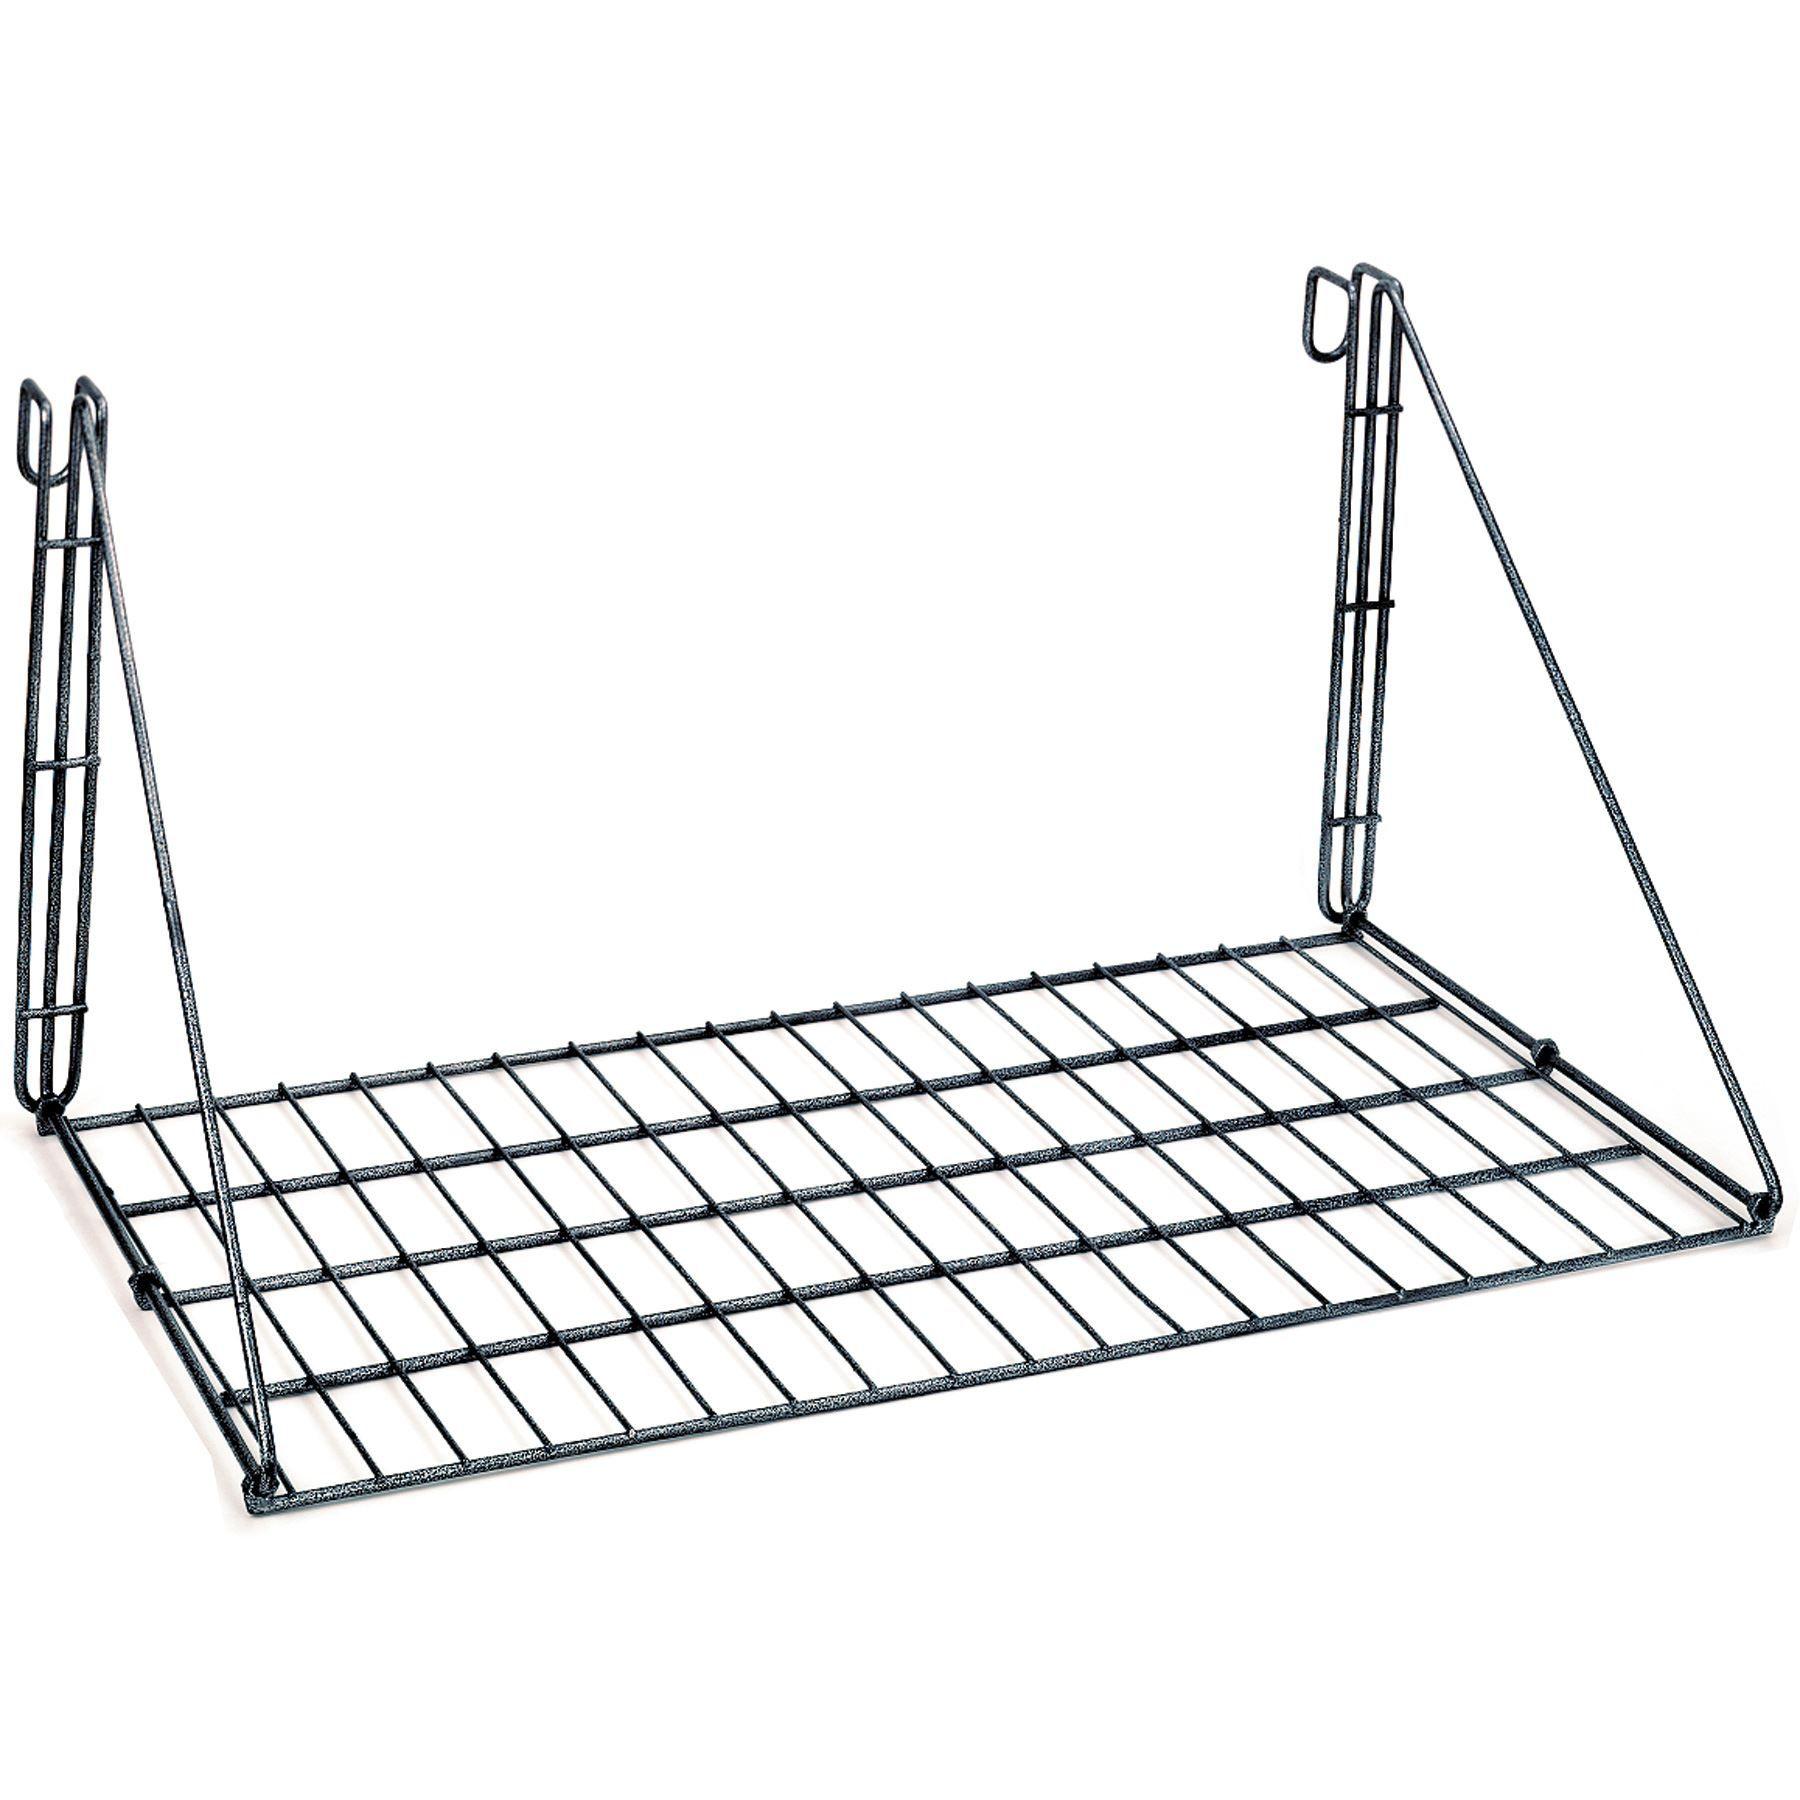 Easy-Up® Fold Up Hanging Shelf in at Schneider Saddlery